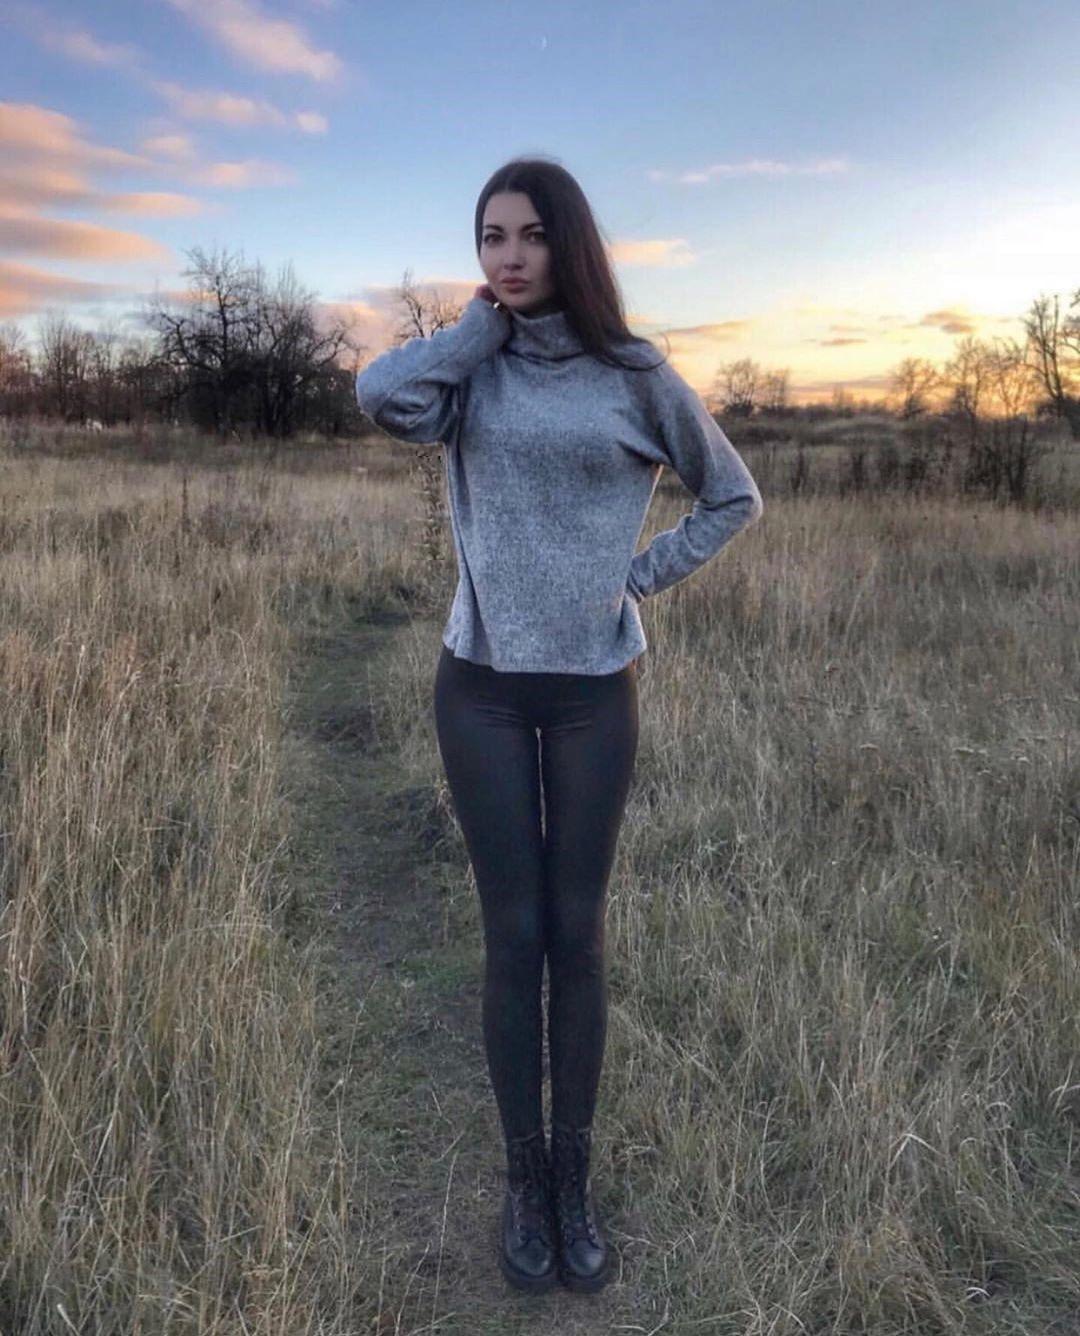 Roksana-Holodova-Wallpapers-Insta-Fit-Bio-8